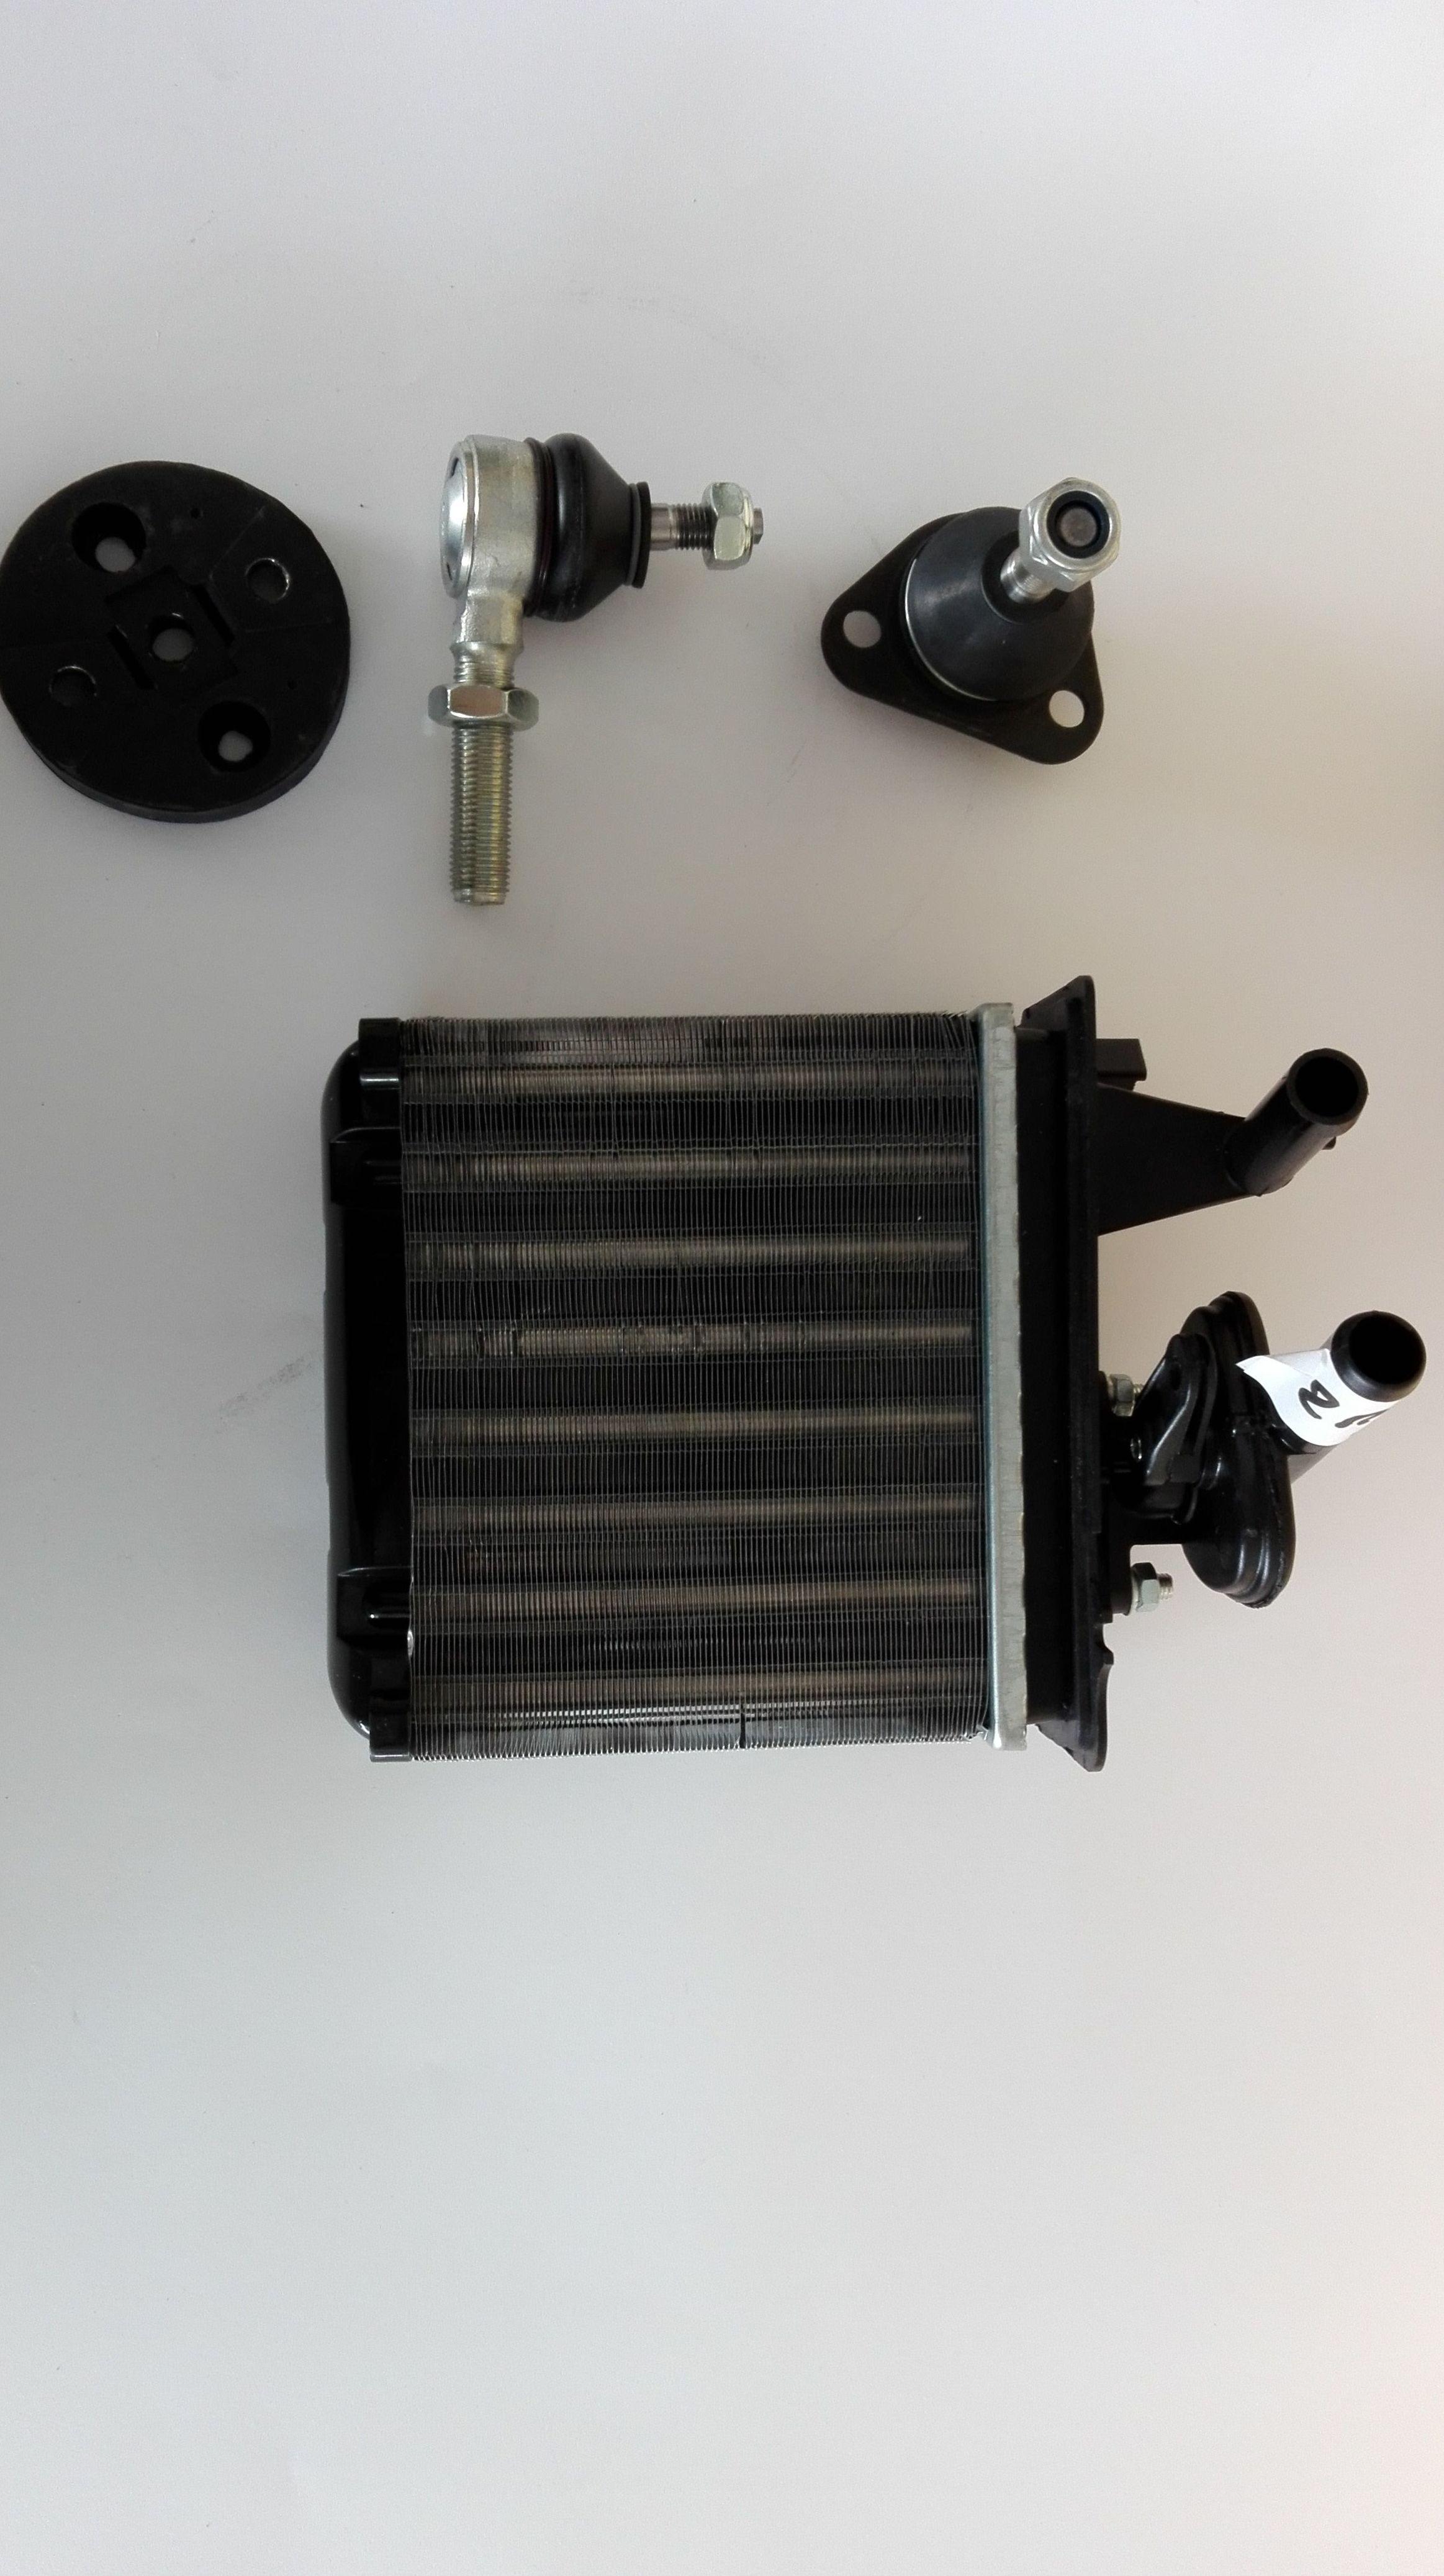 Calefacción : Vehículos y Repuestos de Auto-Solución, S.L.